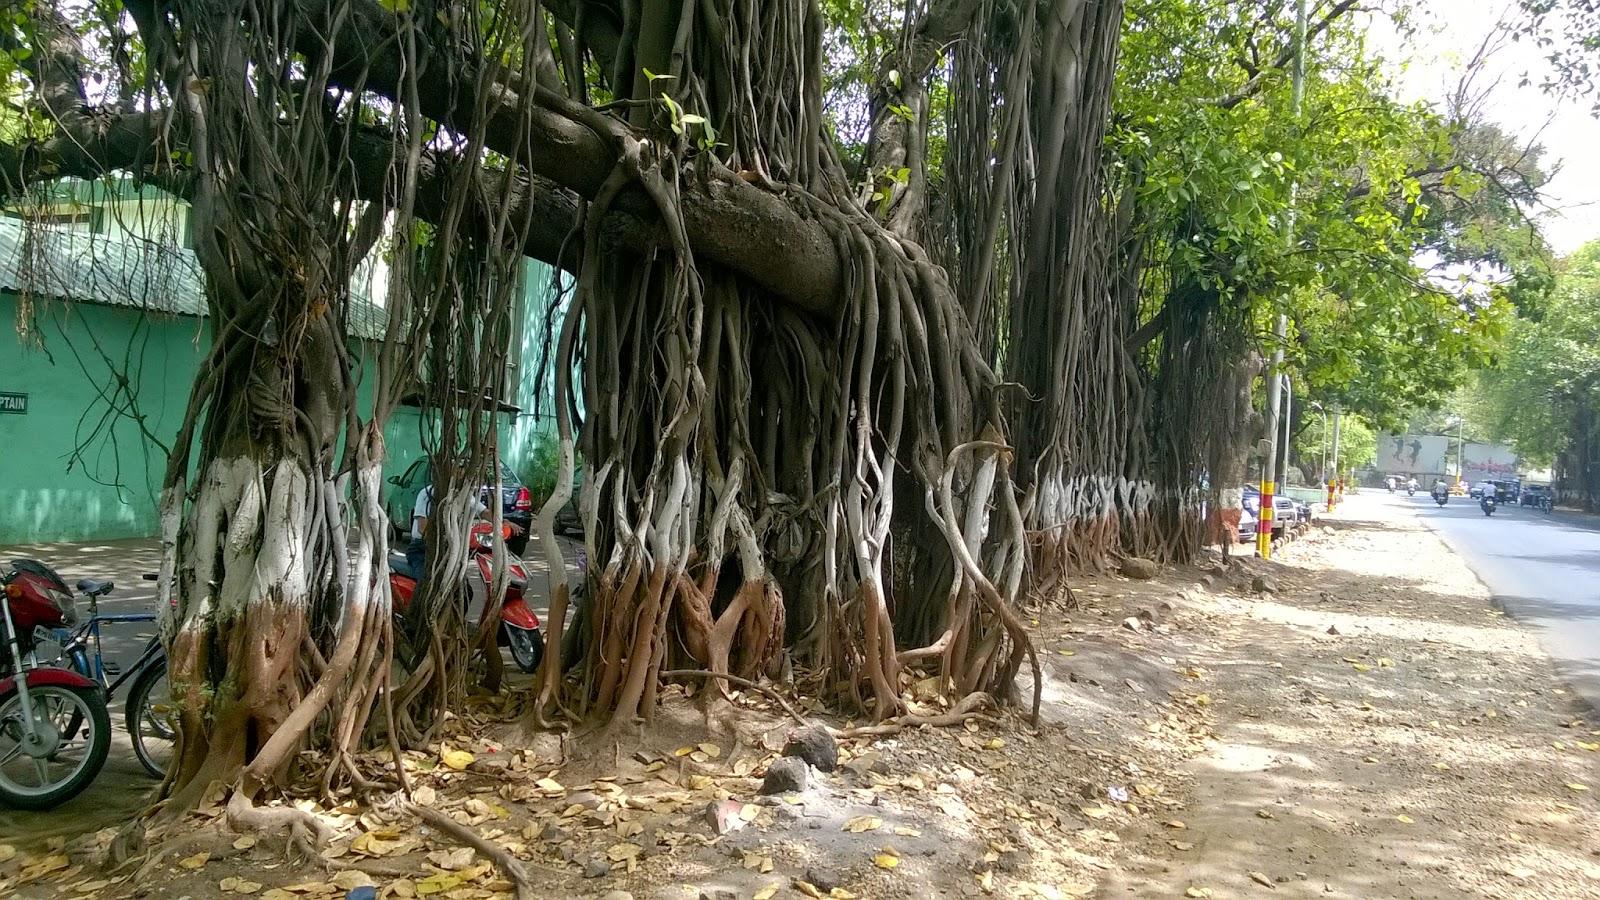 Pune, Ficus